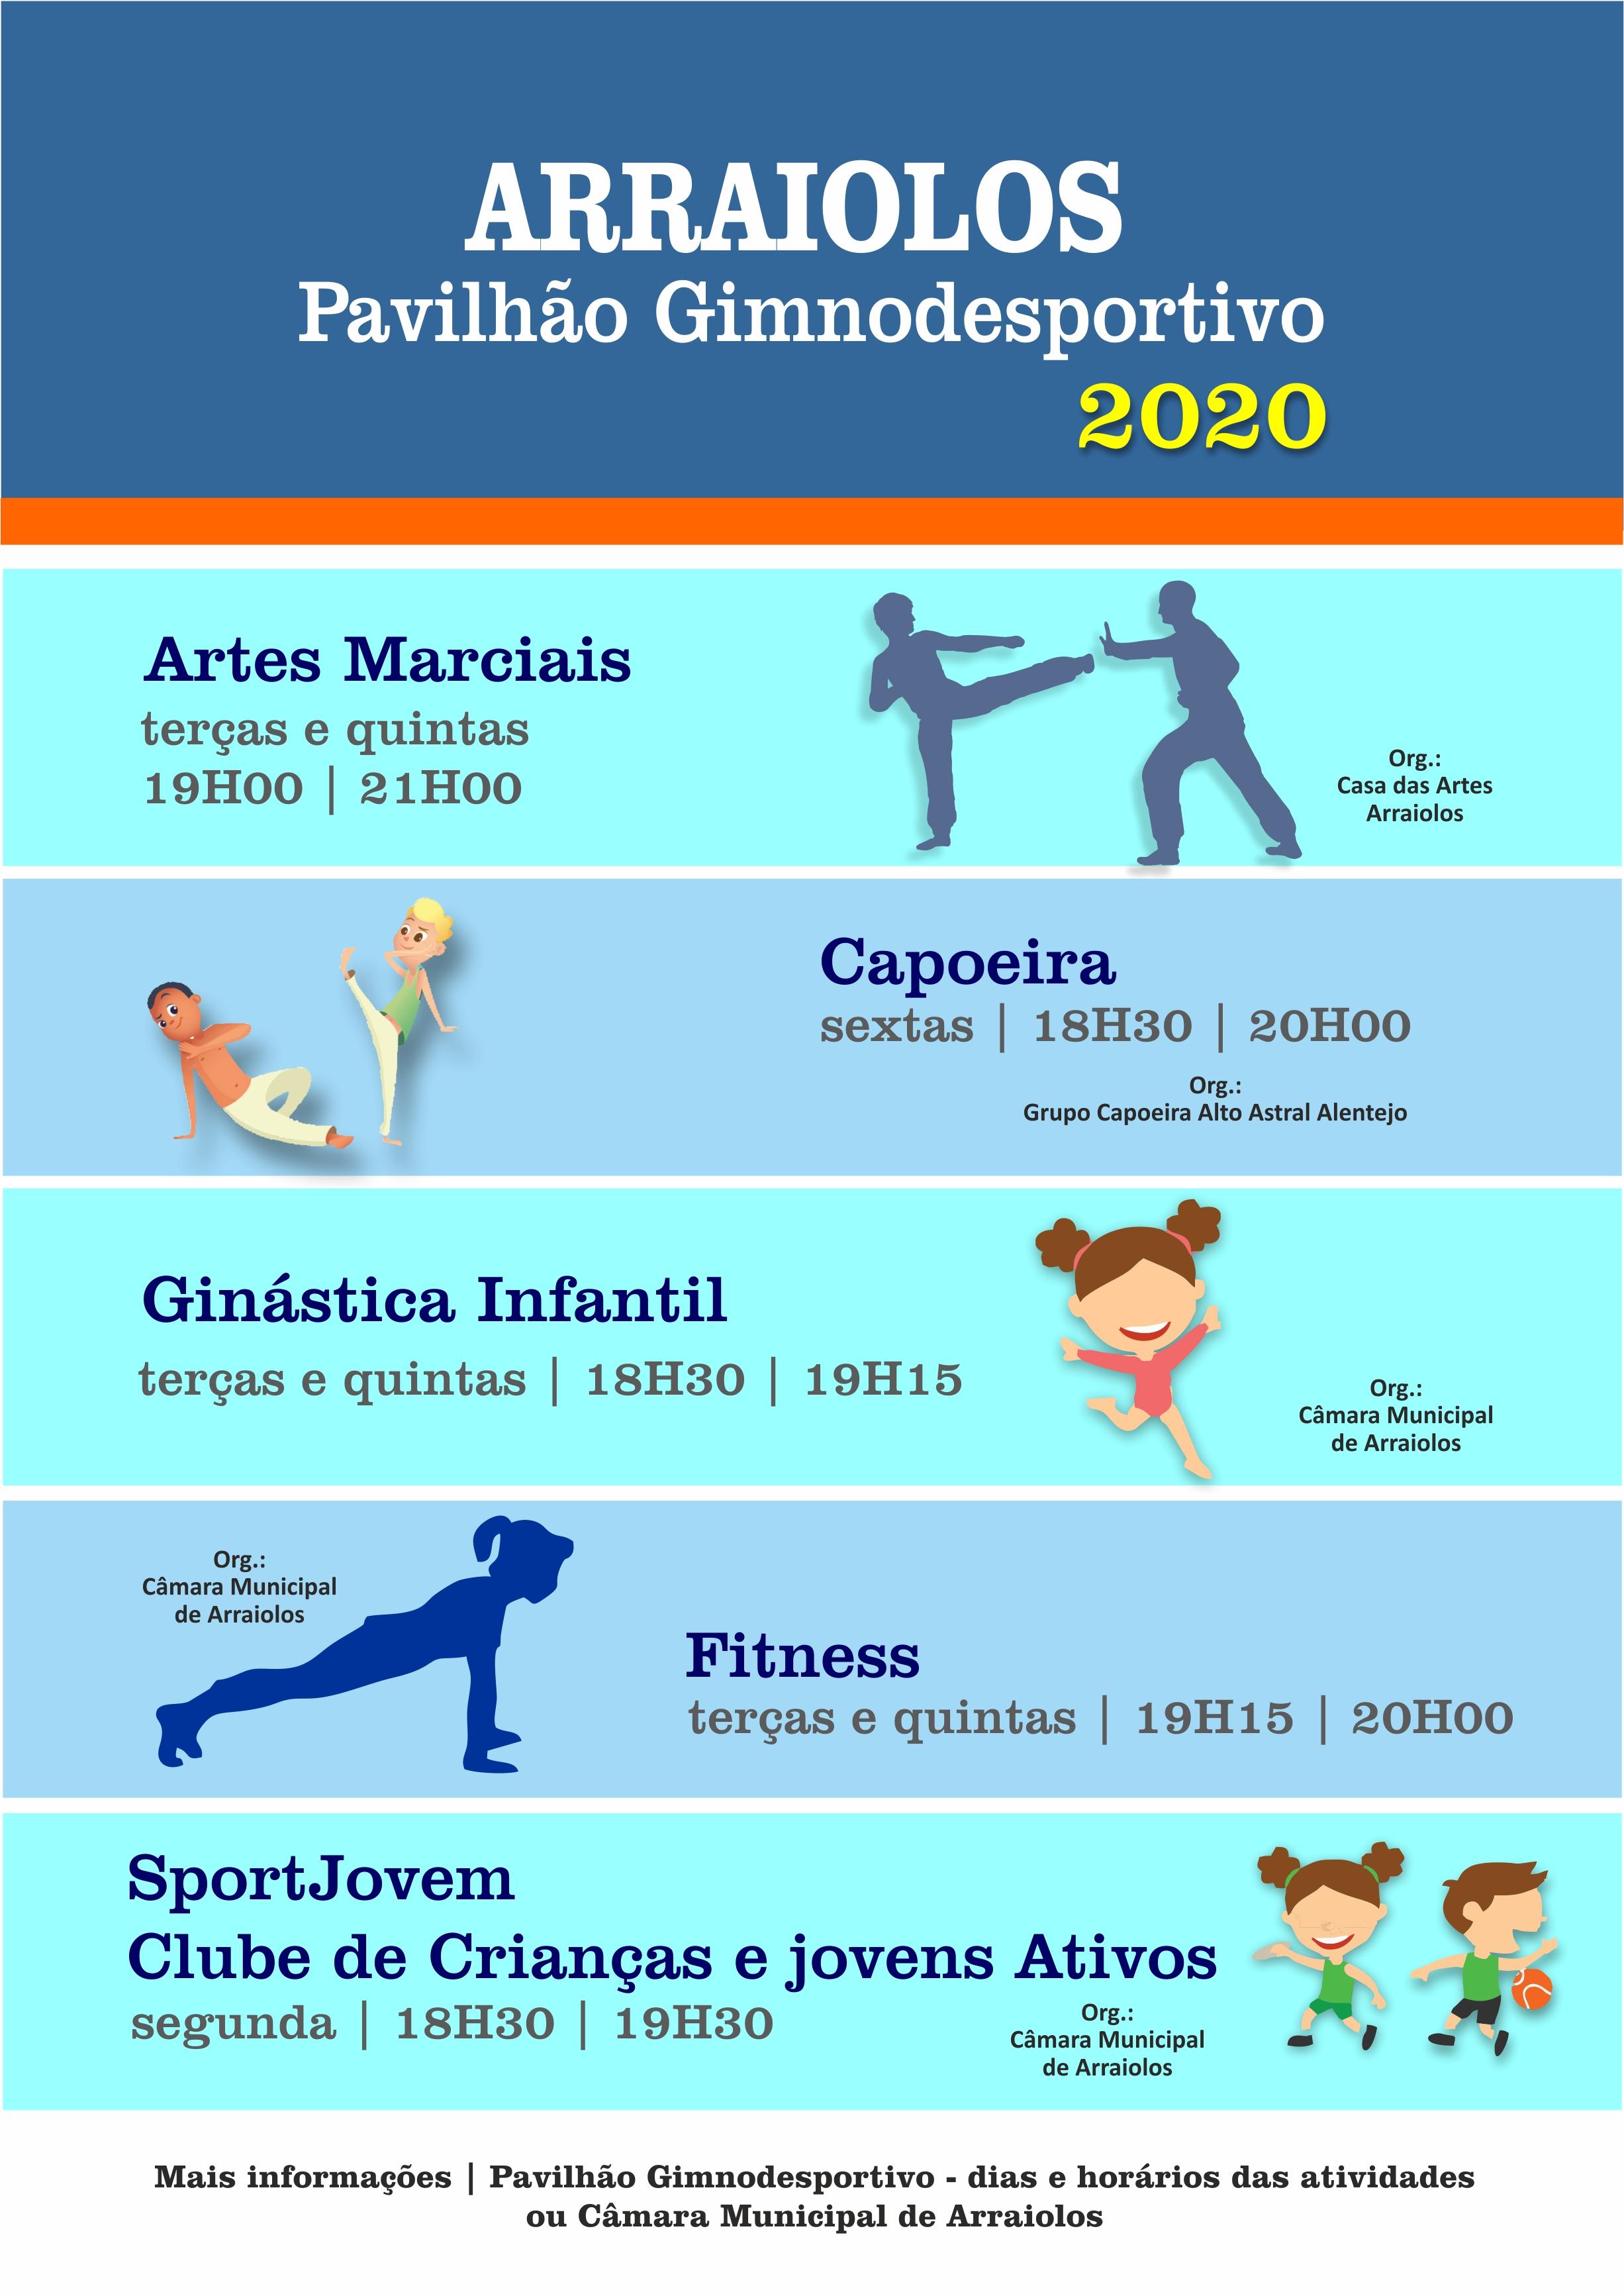 Aulas ____Crianças Ginmodesportivo 2020.jpg